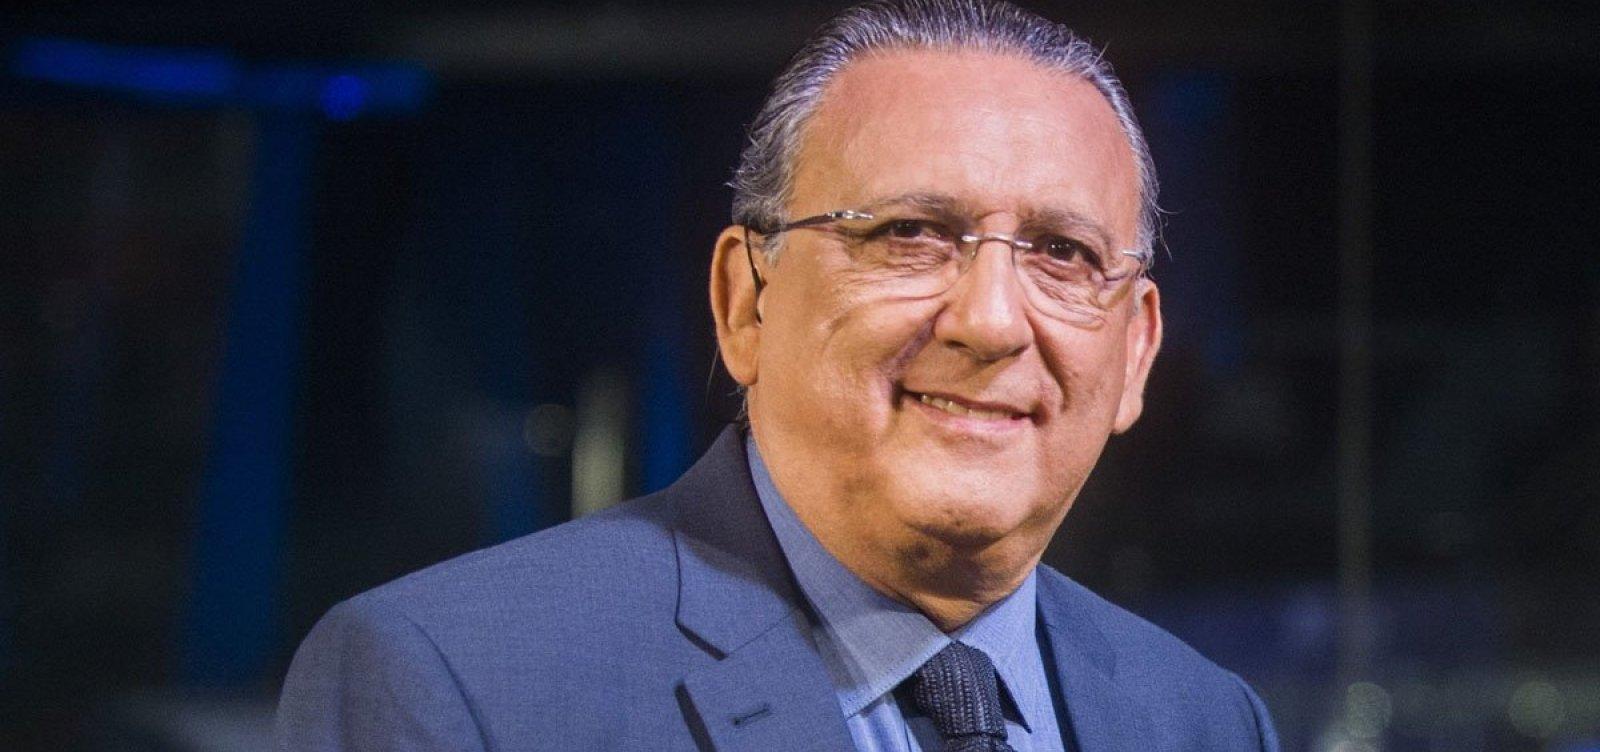 Após prejuízo de meio bilhão, Globo reduz super salários de astros como Galvão Bueno